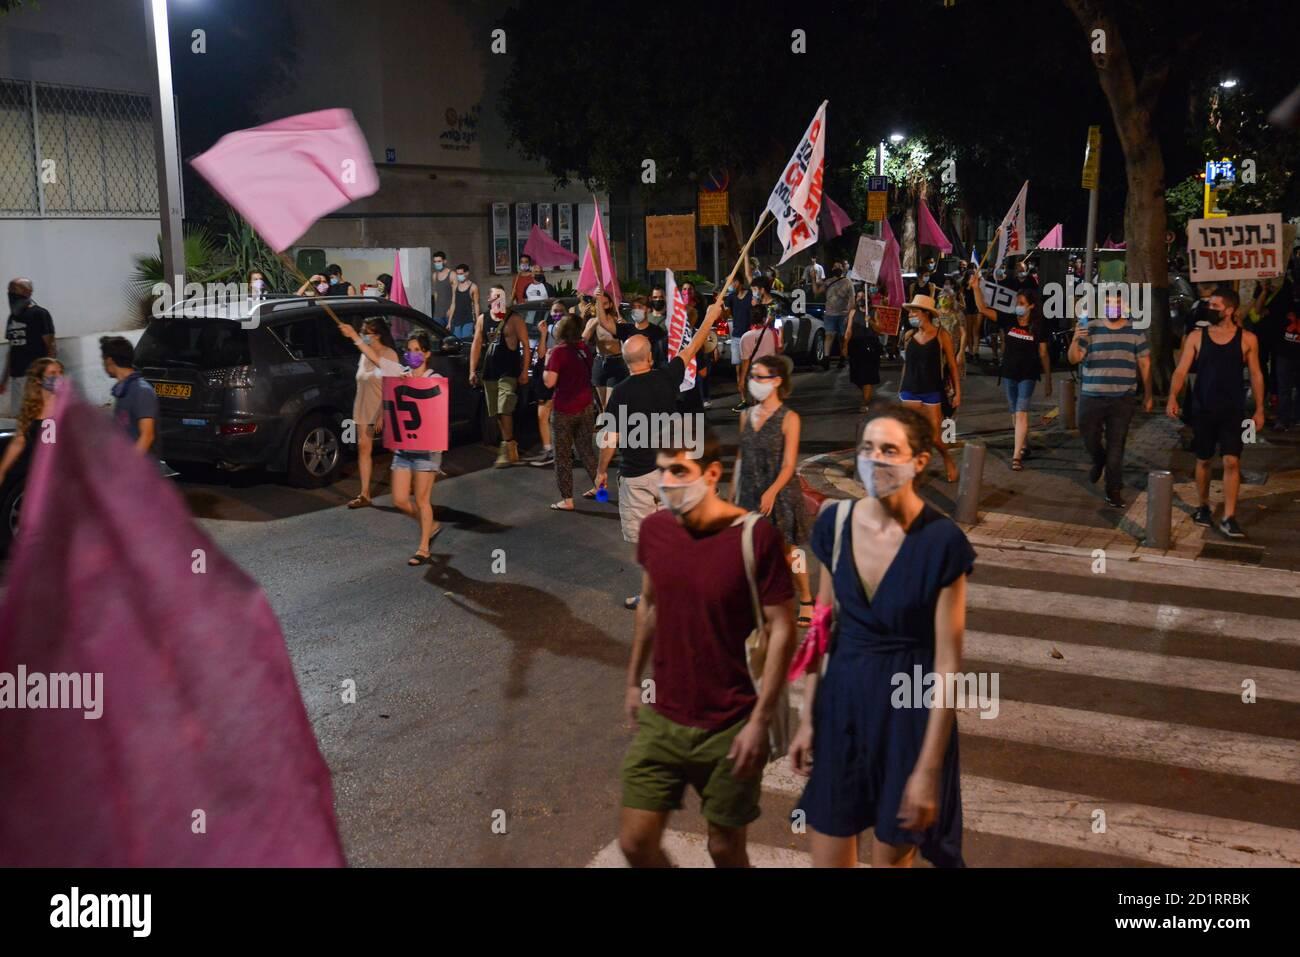 2.10.2020 Tel Aviv, Israel. Protesta contra el primer ministro Netanyahu y el segundo cierre del Coronavirus. Primeras etapas de la protesta en la que cientos marchaban en las calles de Tel Aviv llamando a Bibi Netanyahu a renunciar. Las banderas rosadas simbolizan a las poblaciones debilitadas, la gracia, la empatía se habían convertido en el símbolo de la juventud de lo que ven como la revolución Foto de stock